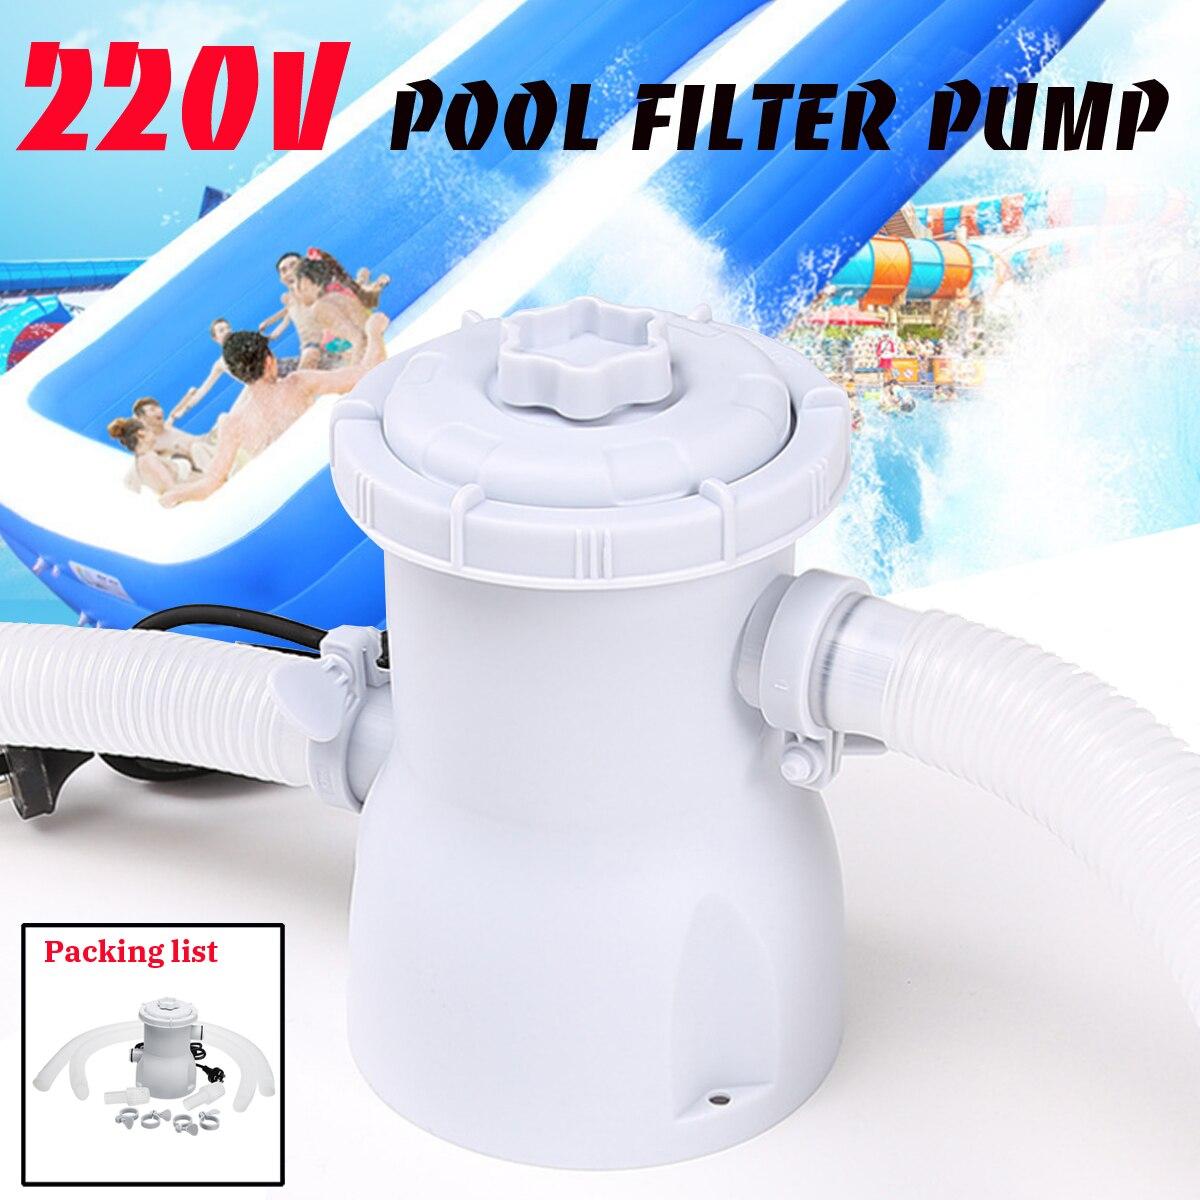 220 v Électrique Piscine Filtre Pompe Pour Piscines Hors Sol De Nettoyage Outil ROYAUME-UNI